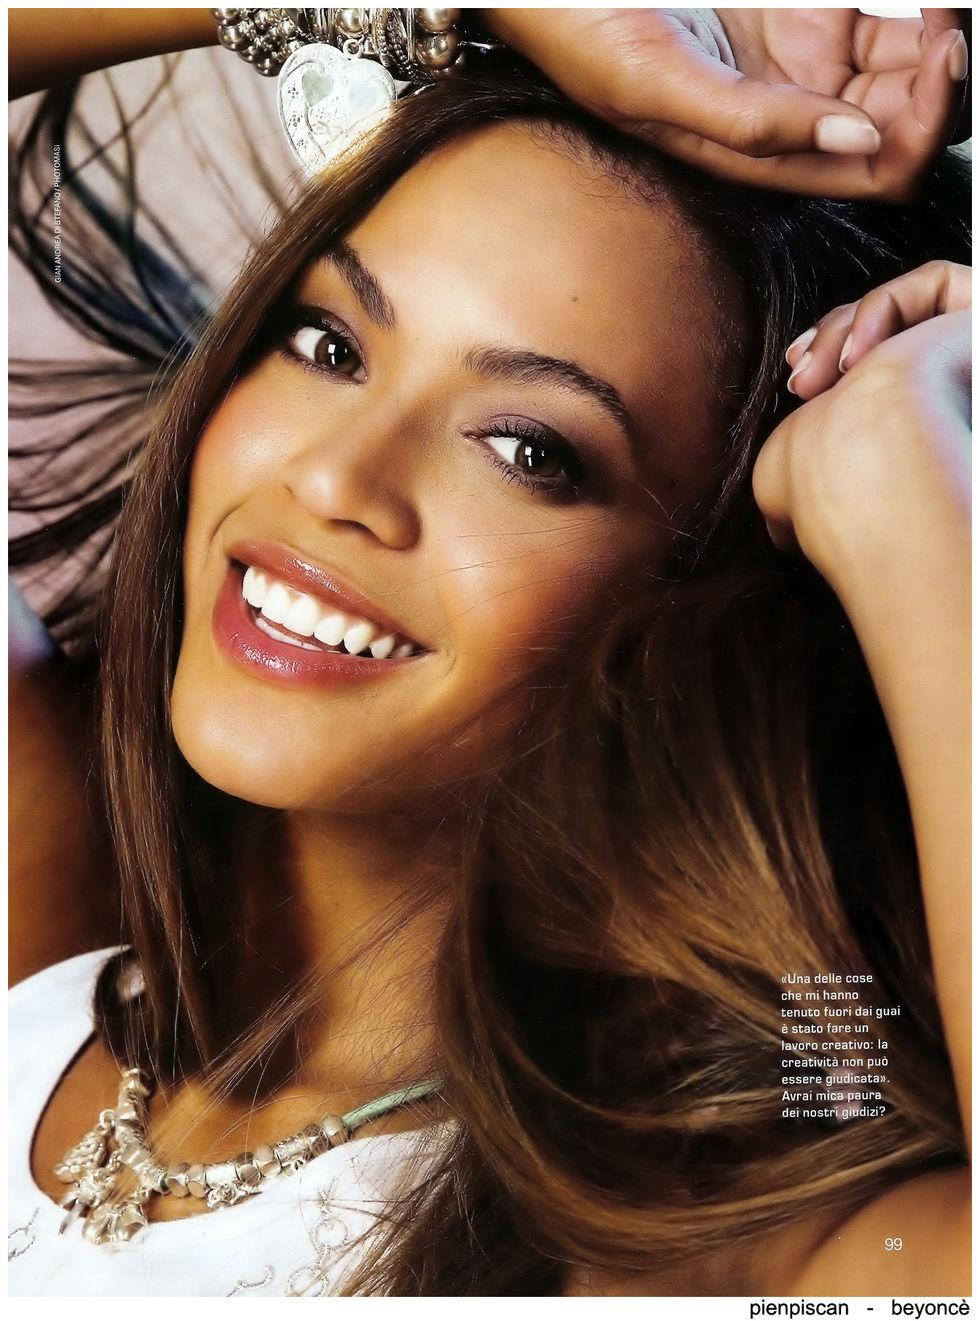 beyonce-jack-magazine-april-2008-01